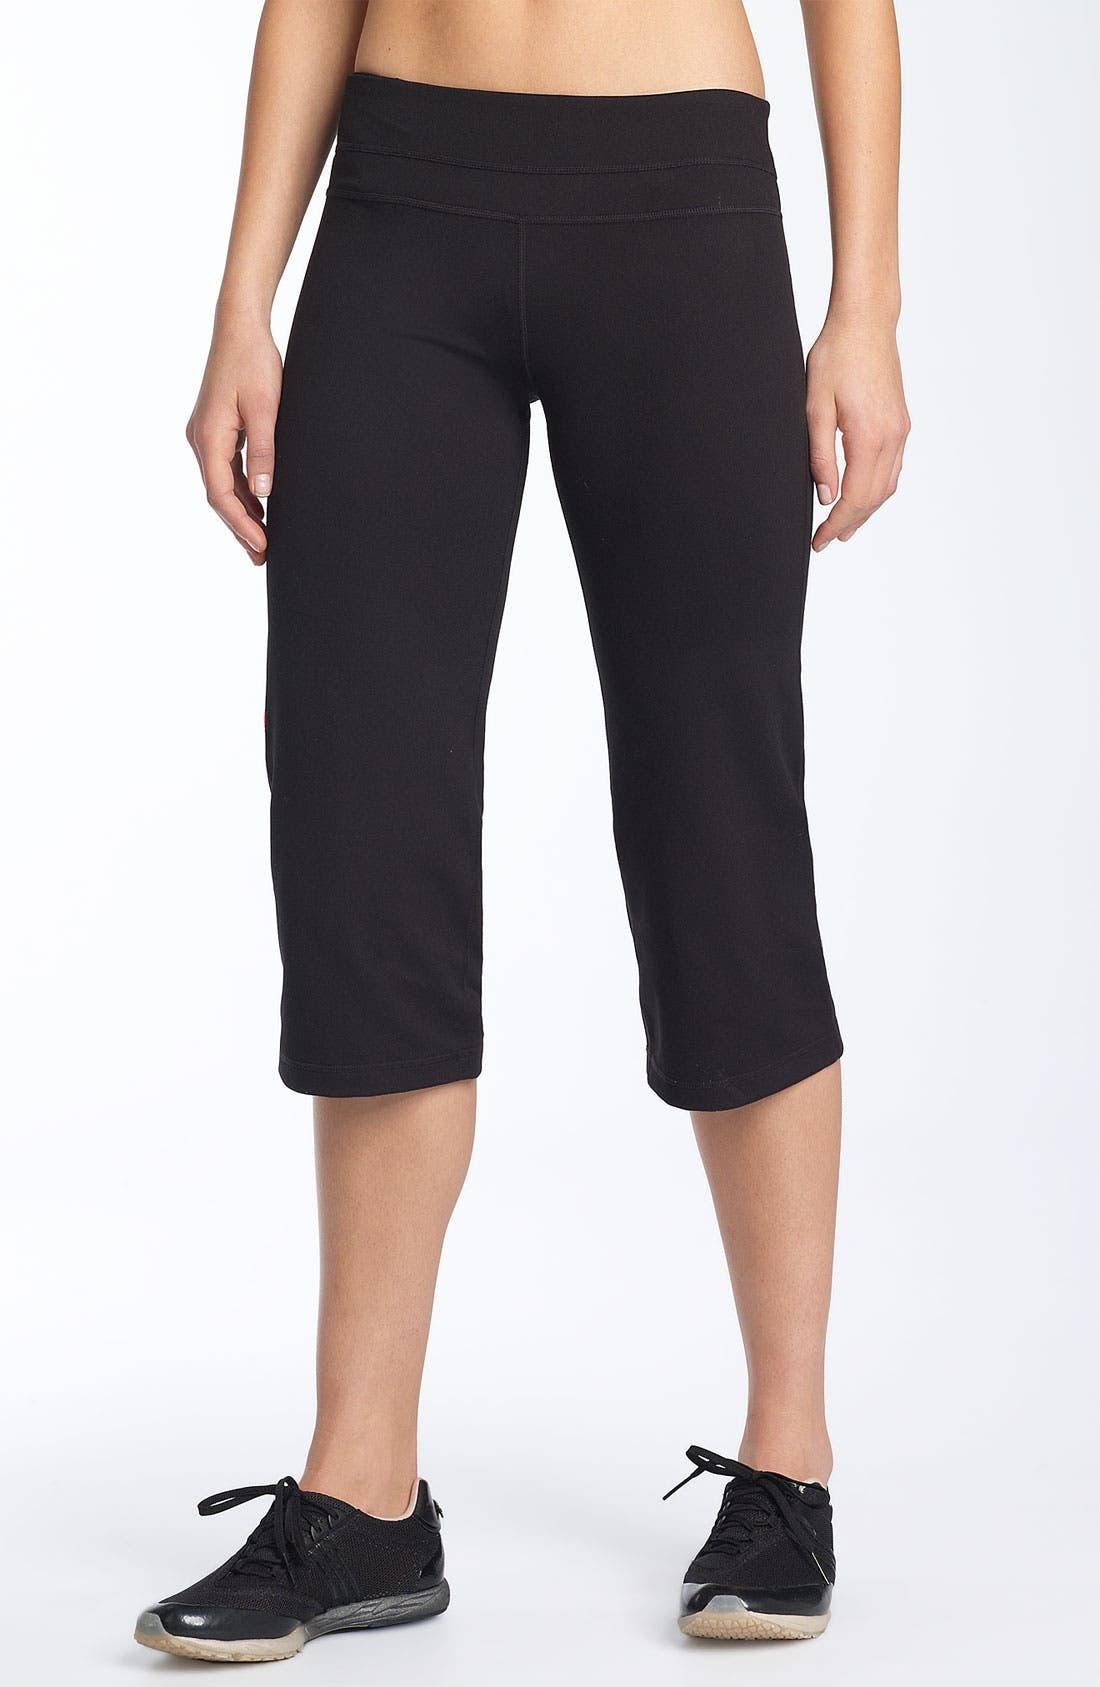 Main Image - Zella 'Booty' Capri Pants